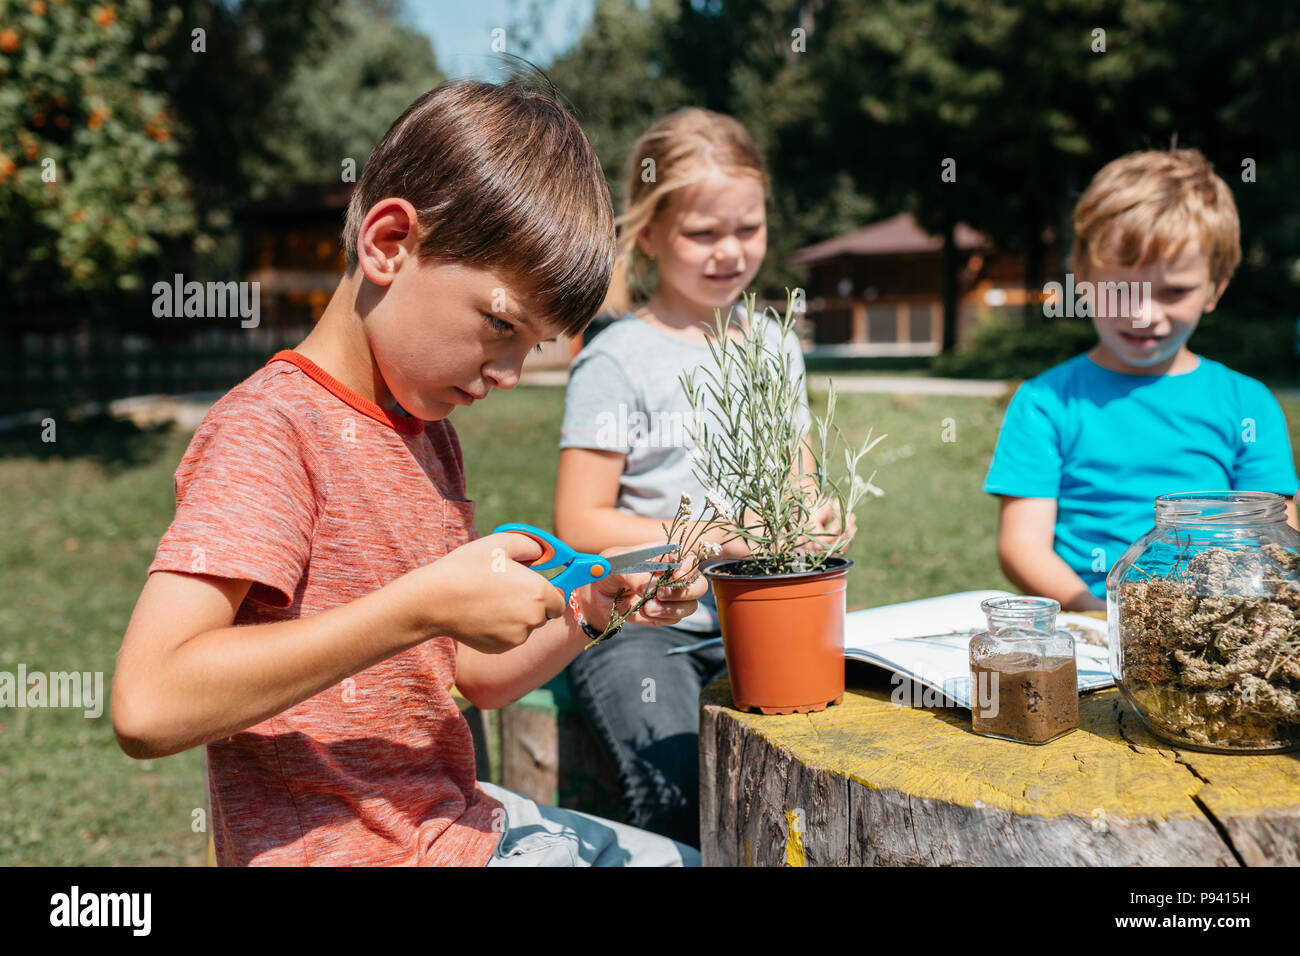 Los niños aprenden juntos en una clase de ciencias naturales. Vista lateral de un estudiante de primaria explorando las hierbas y plantas con sus compañeros de clase en una escuela jardín. Foto de stock